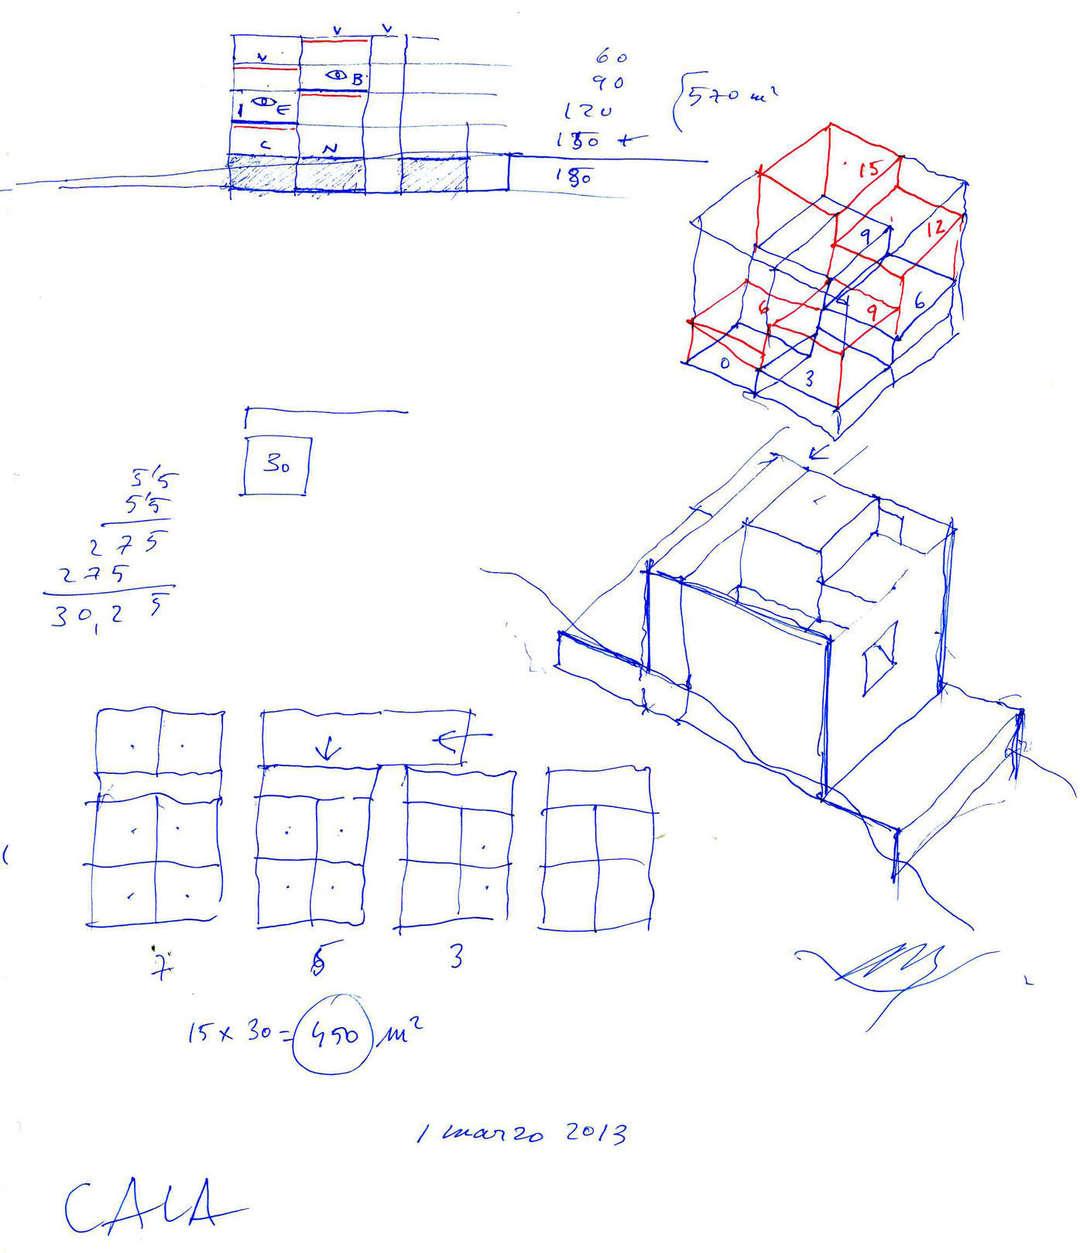 Arquitectura Paso a Paso: Casa Raumplan de Alberto Campo Baeza ...